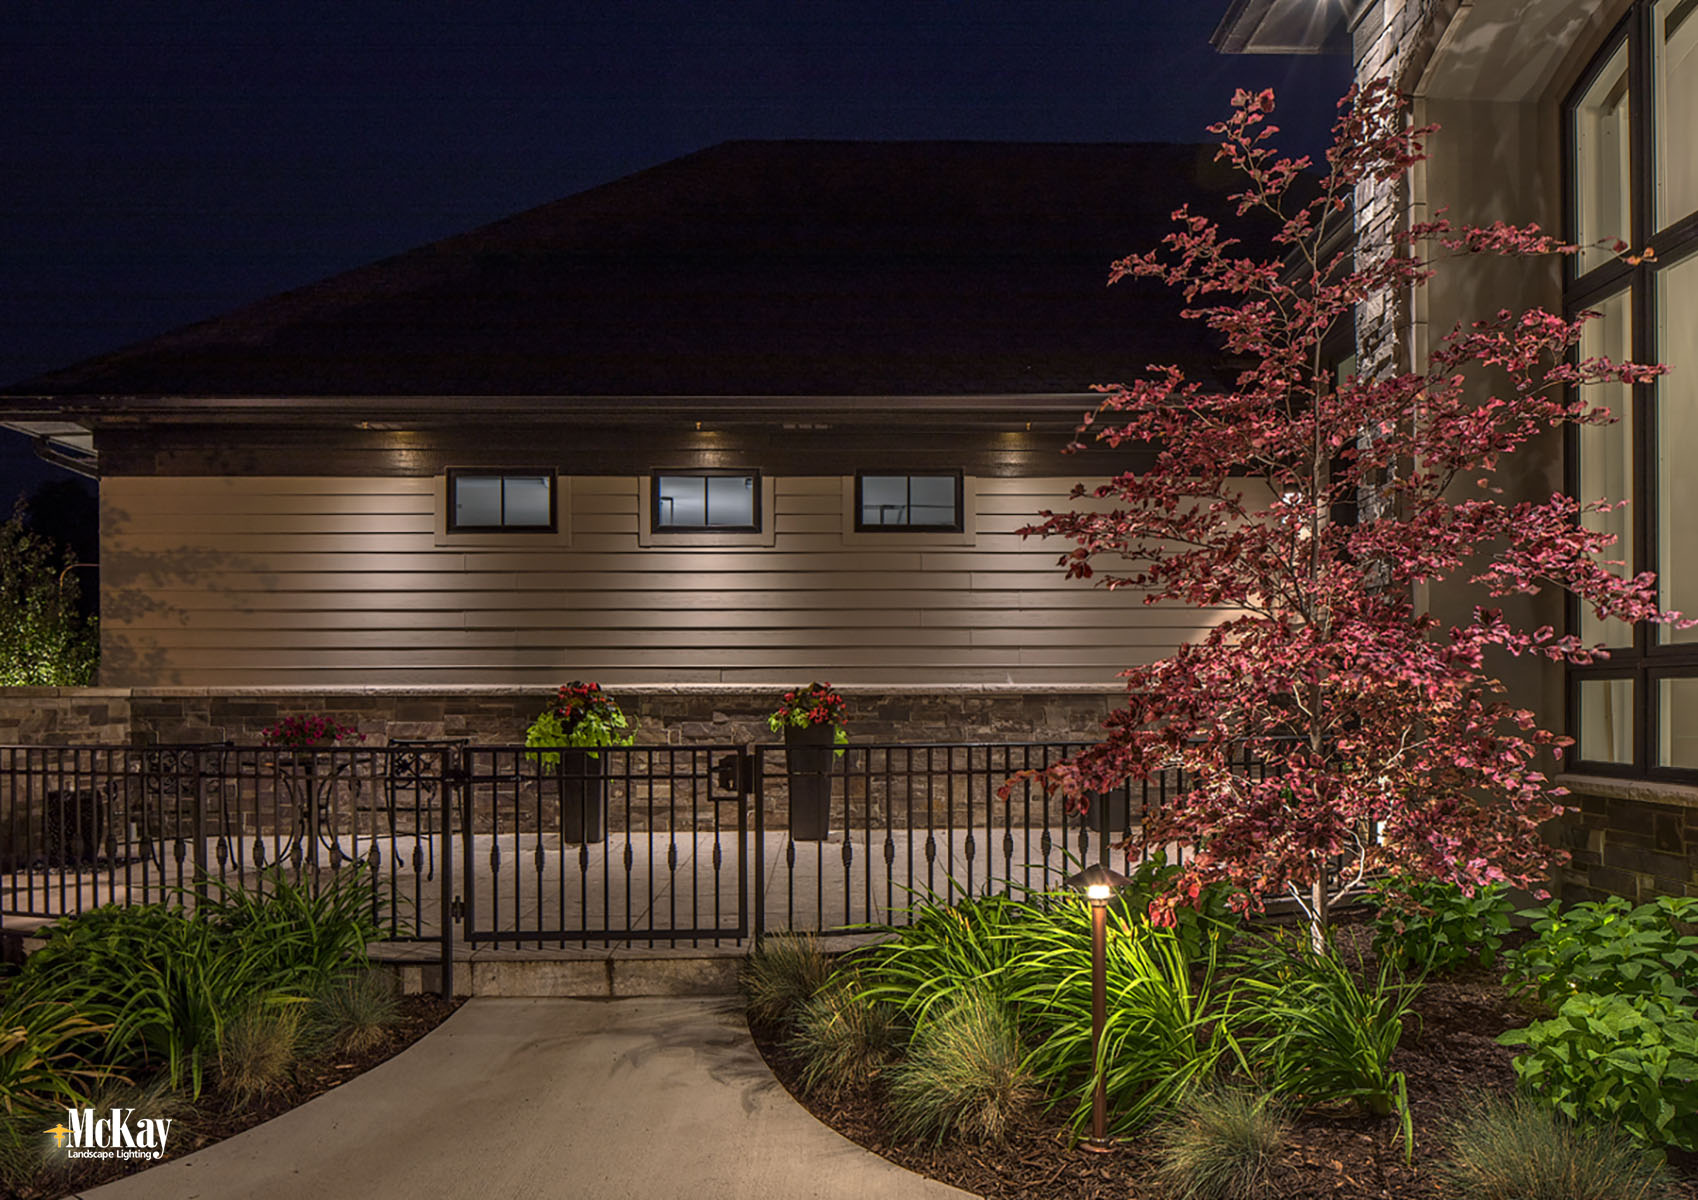 Outdoor Home Security Lighting Omaha Nebraska | McKay Landscape Lighting